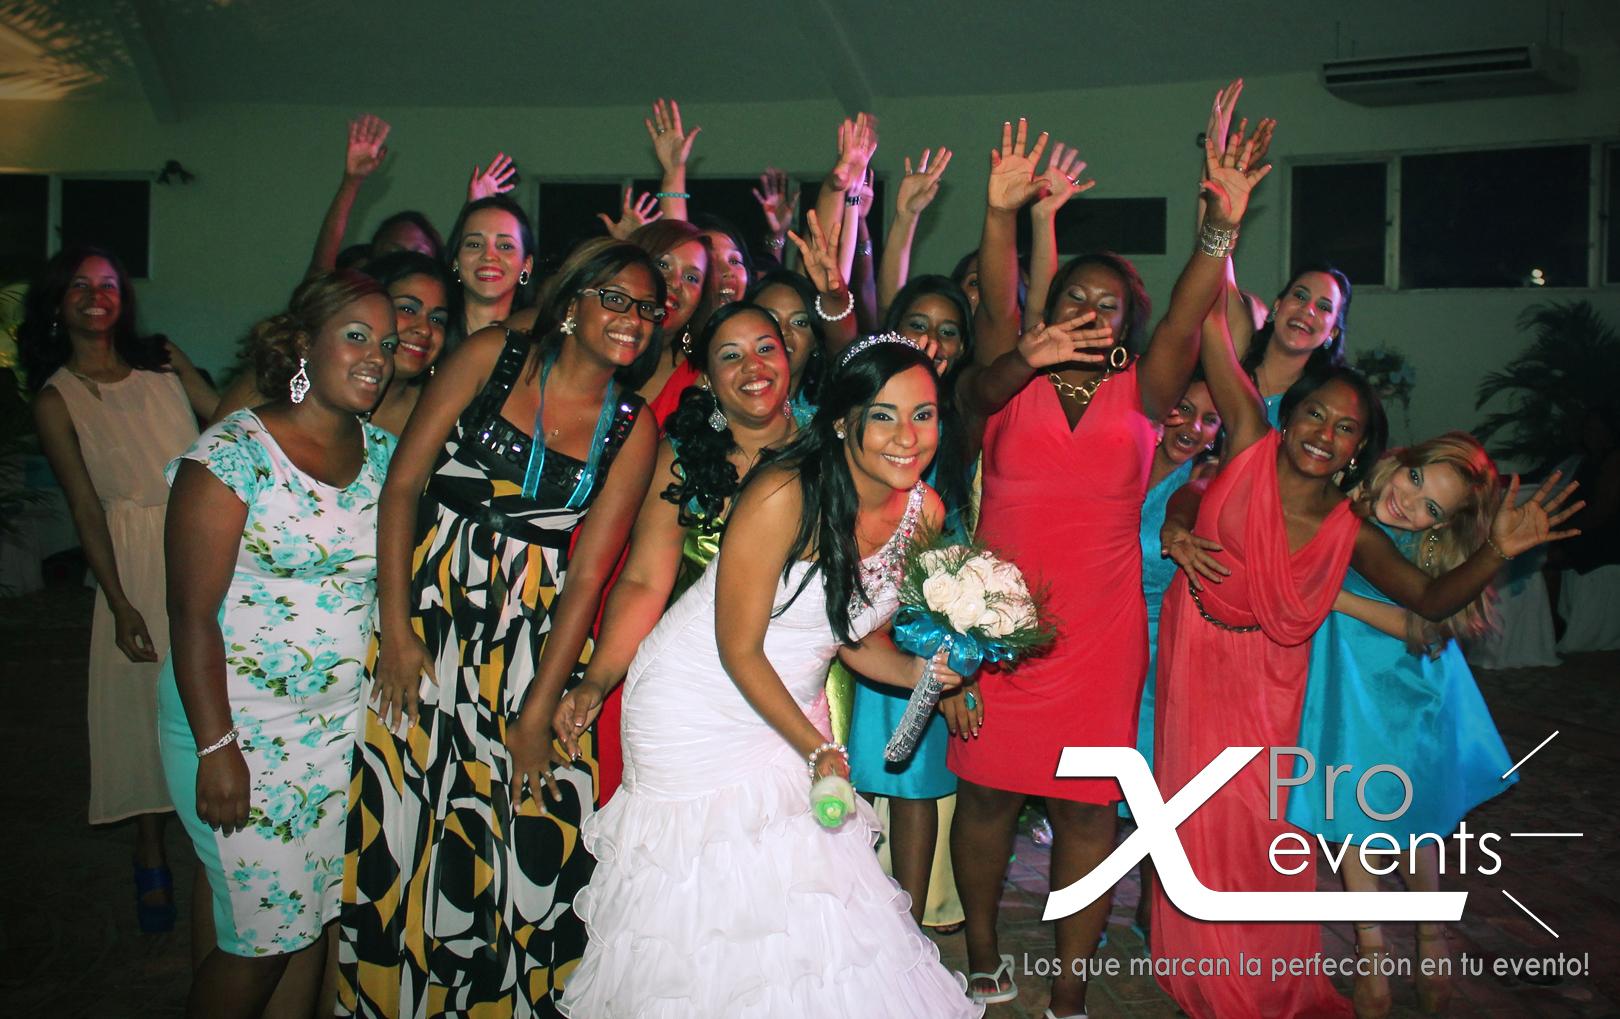 www.Xproevents.com - Los que marcan la perfeccion en tu evento 01 (8).jpg